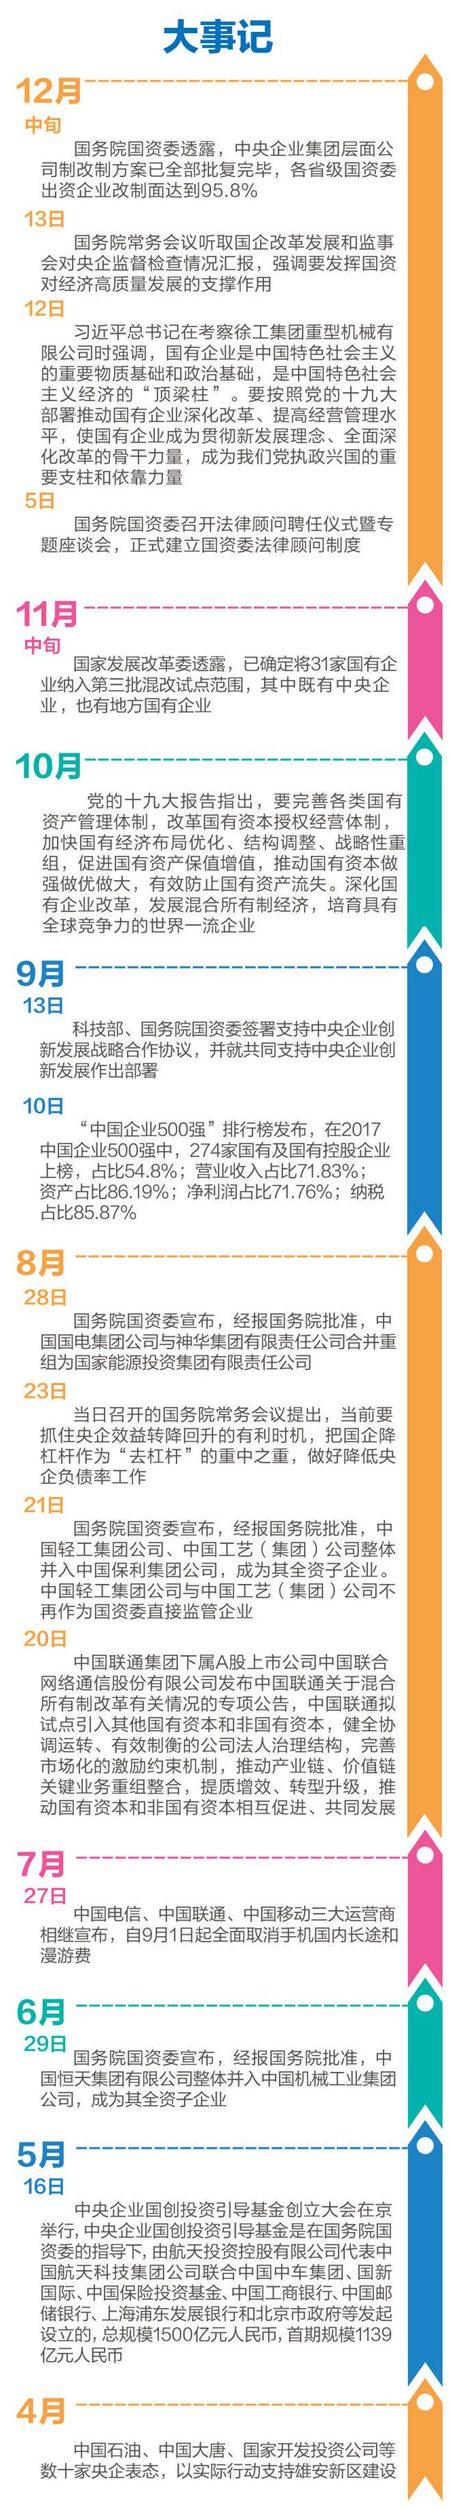 """2017年,��企改革�M入""""深化施工期"""",包括公司制改制、混合所有制改革及央企重�M等工作全面推�M,好�蜻B�_。"""